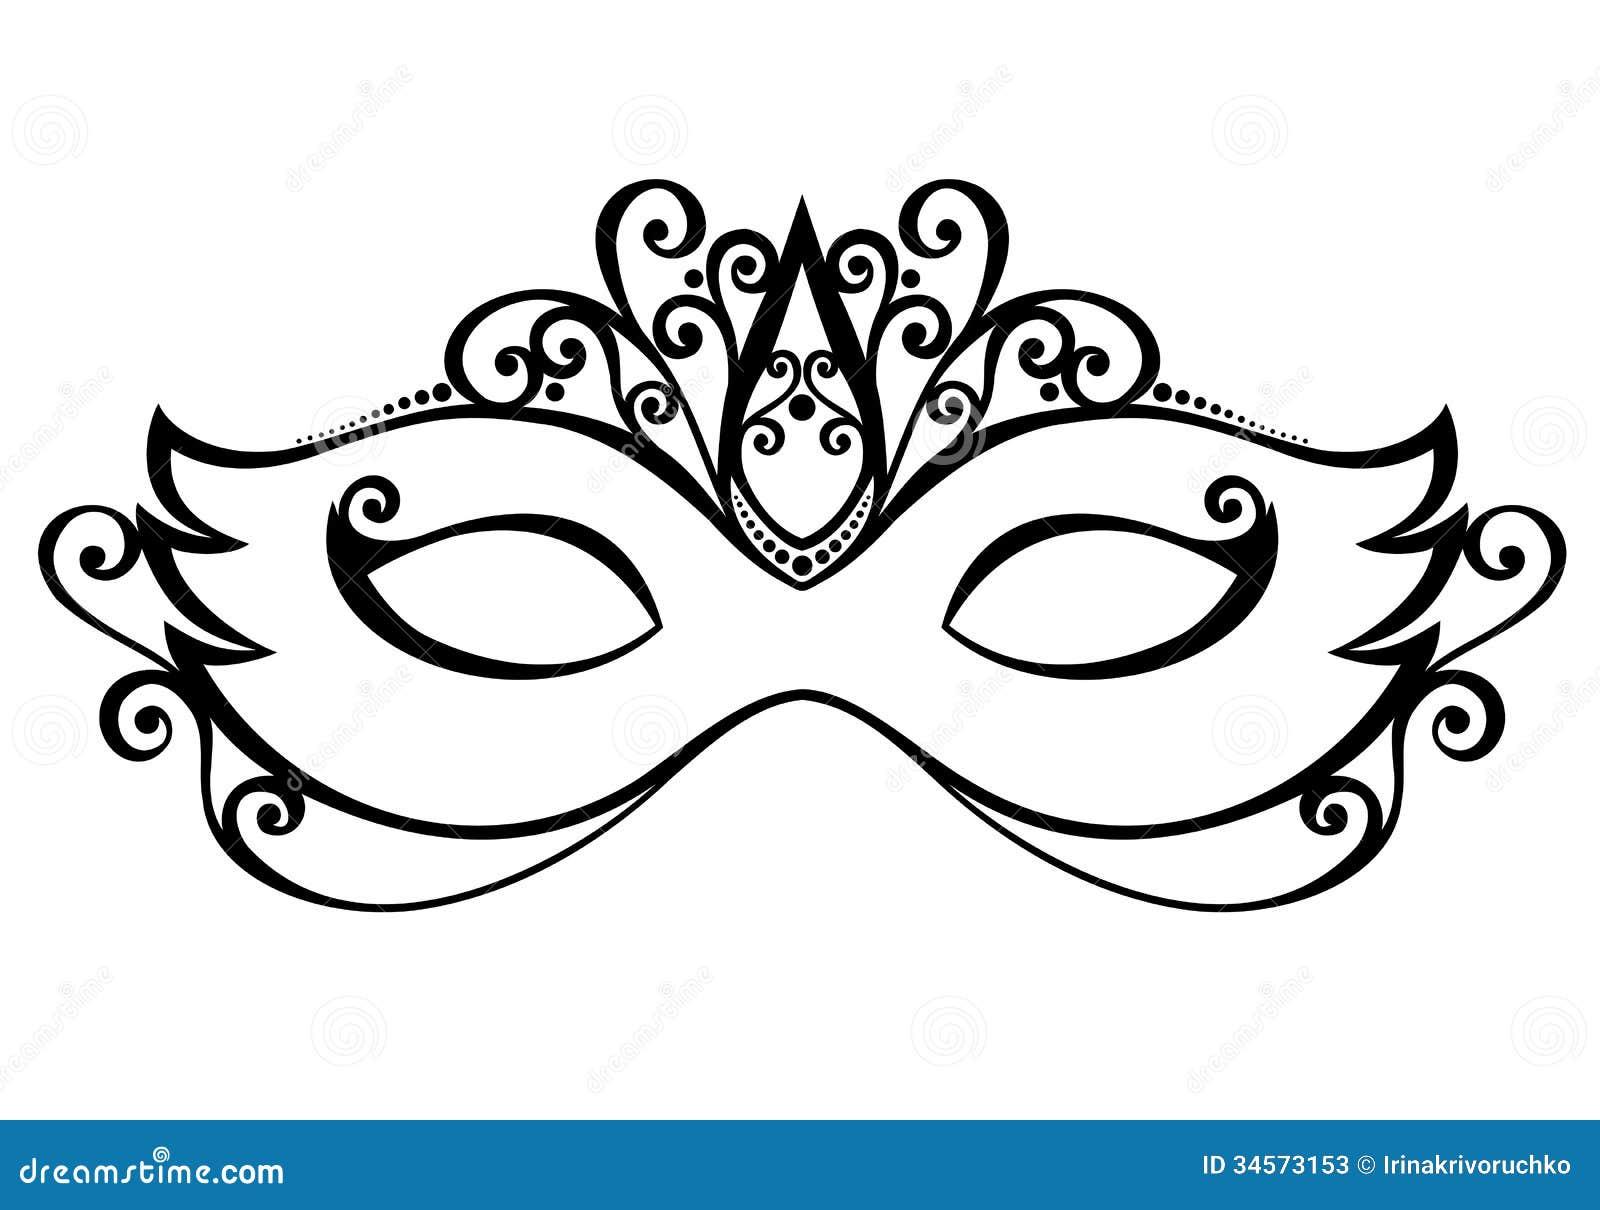 Masquerade Mask Stock Photos - Image: 34573153